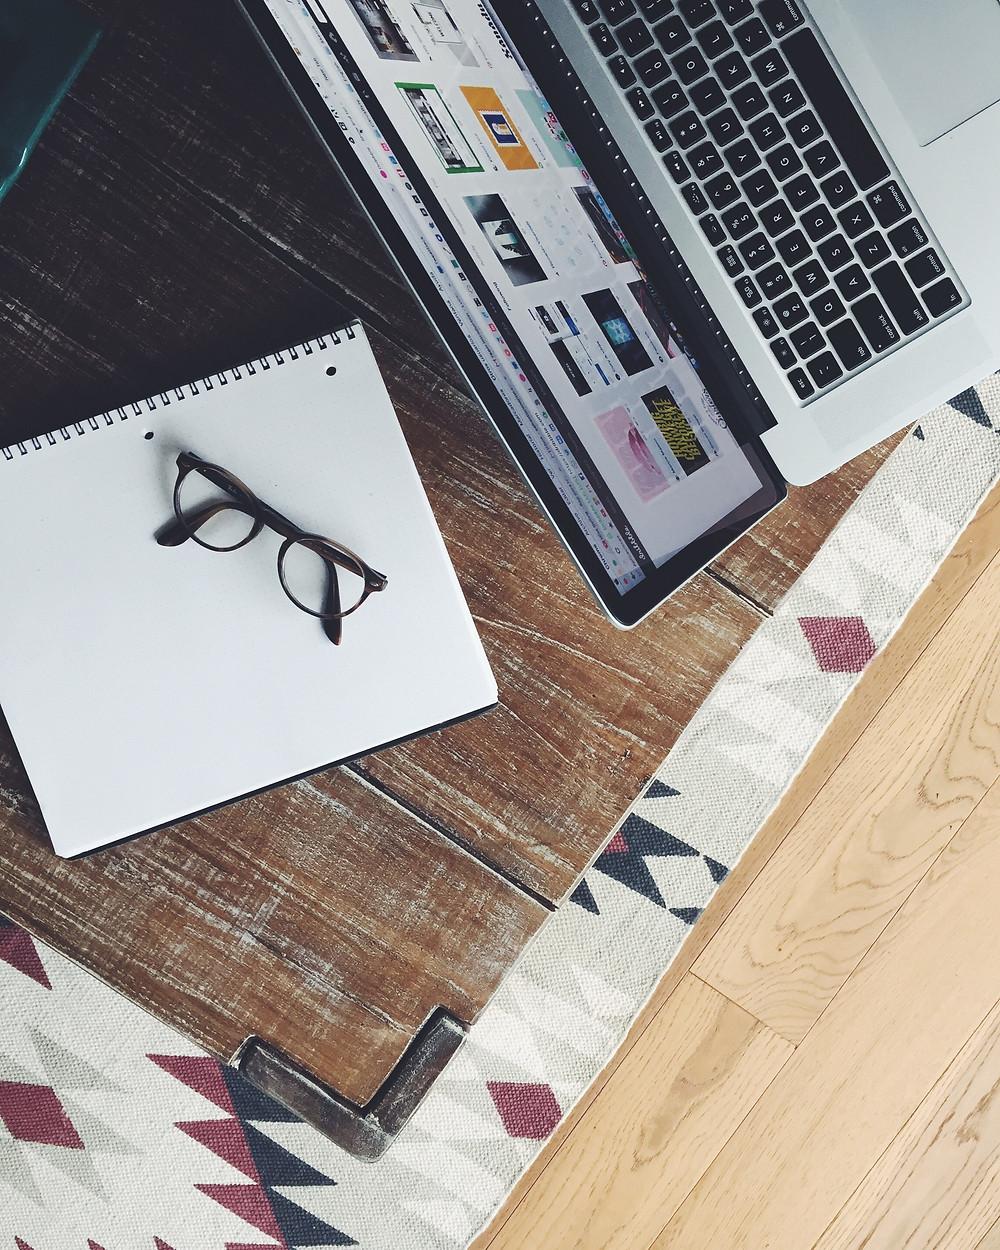 מה סטודנט לעיצוב צריך? עיצוב גרפי עיצוב פנים